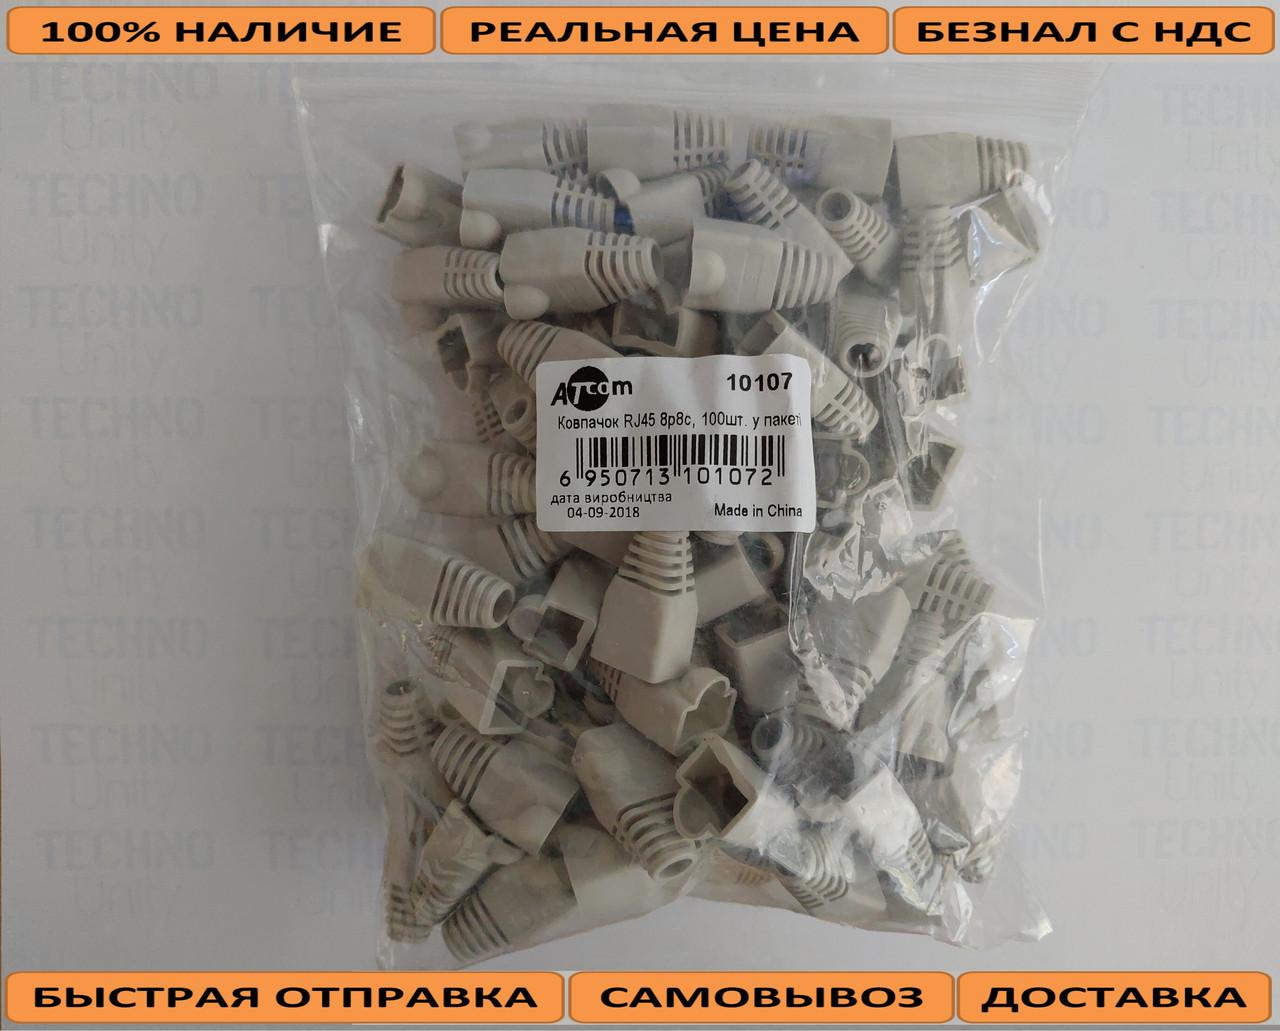 Колпачок коннектора Atcom RJ-45 белый упаковка 100шт (10107)